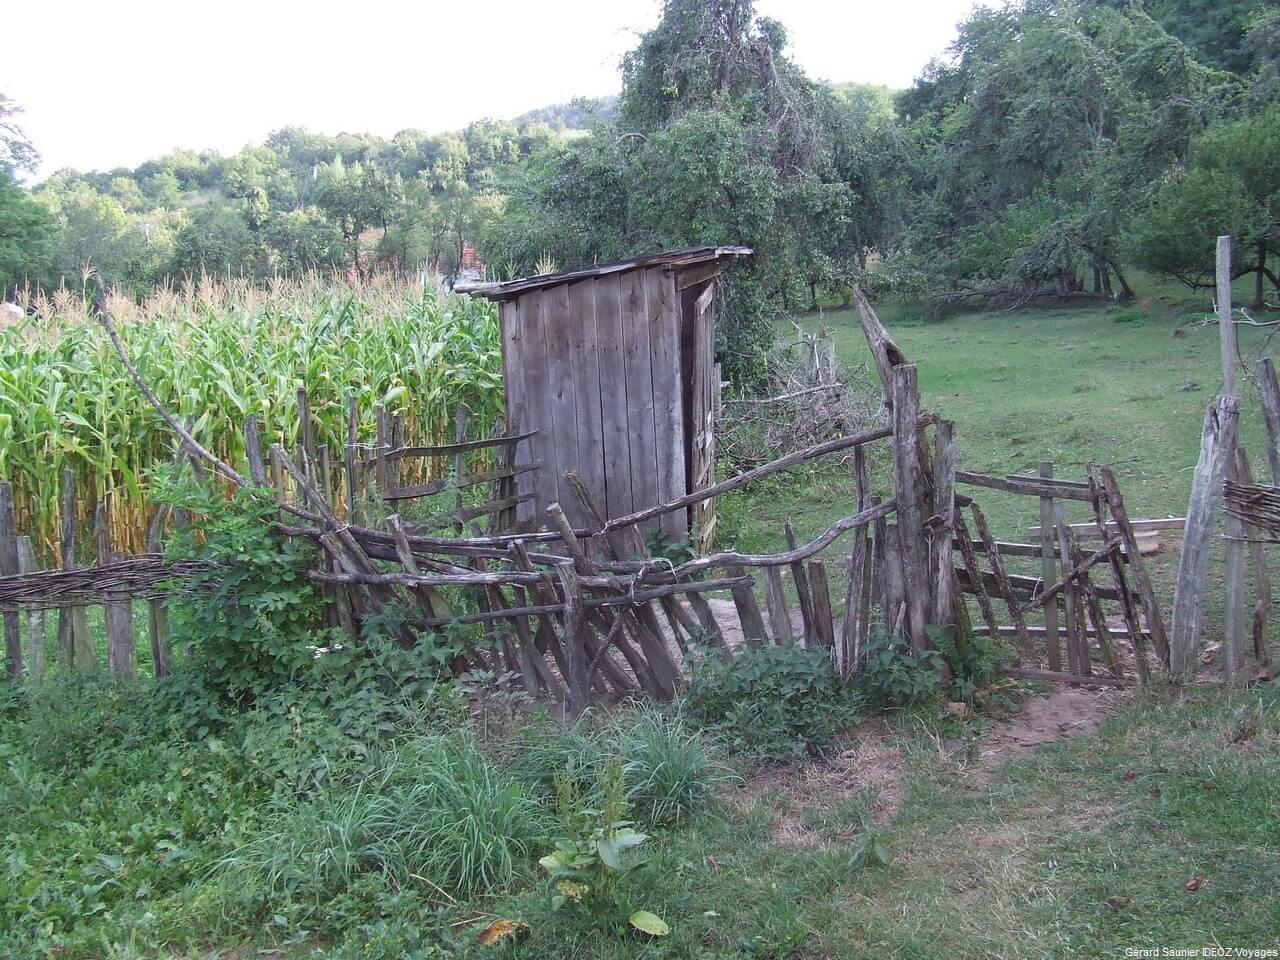 Rencontre inoubliable à Arilje en Serbie centrale : merveilleux souvenir 22